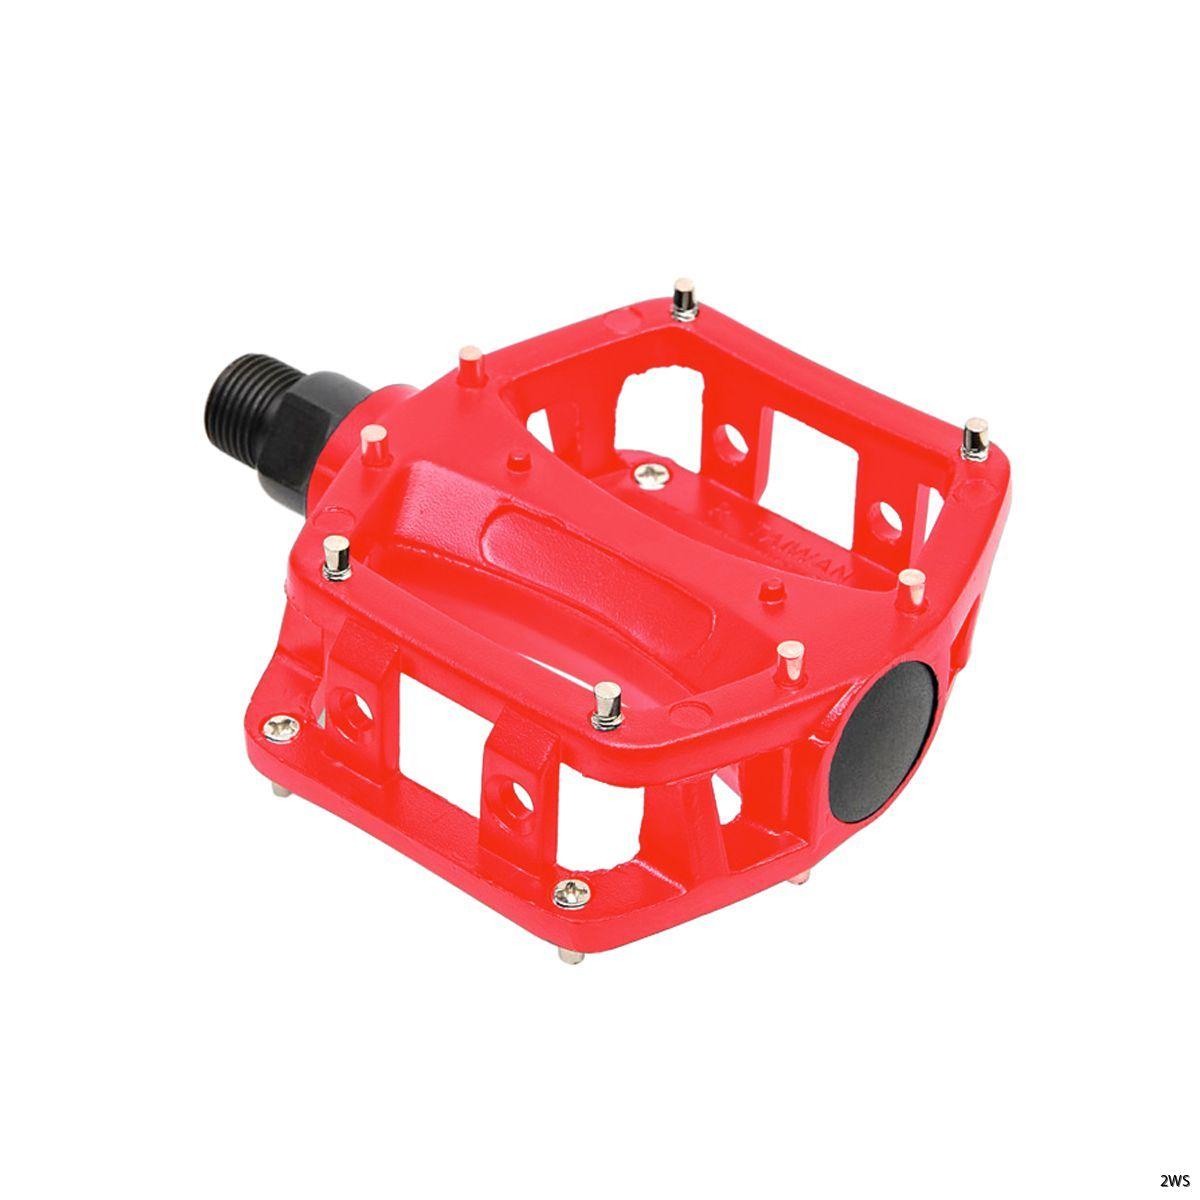 wellgo-mini-lu-204-pedals (3)